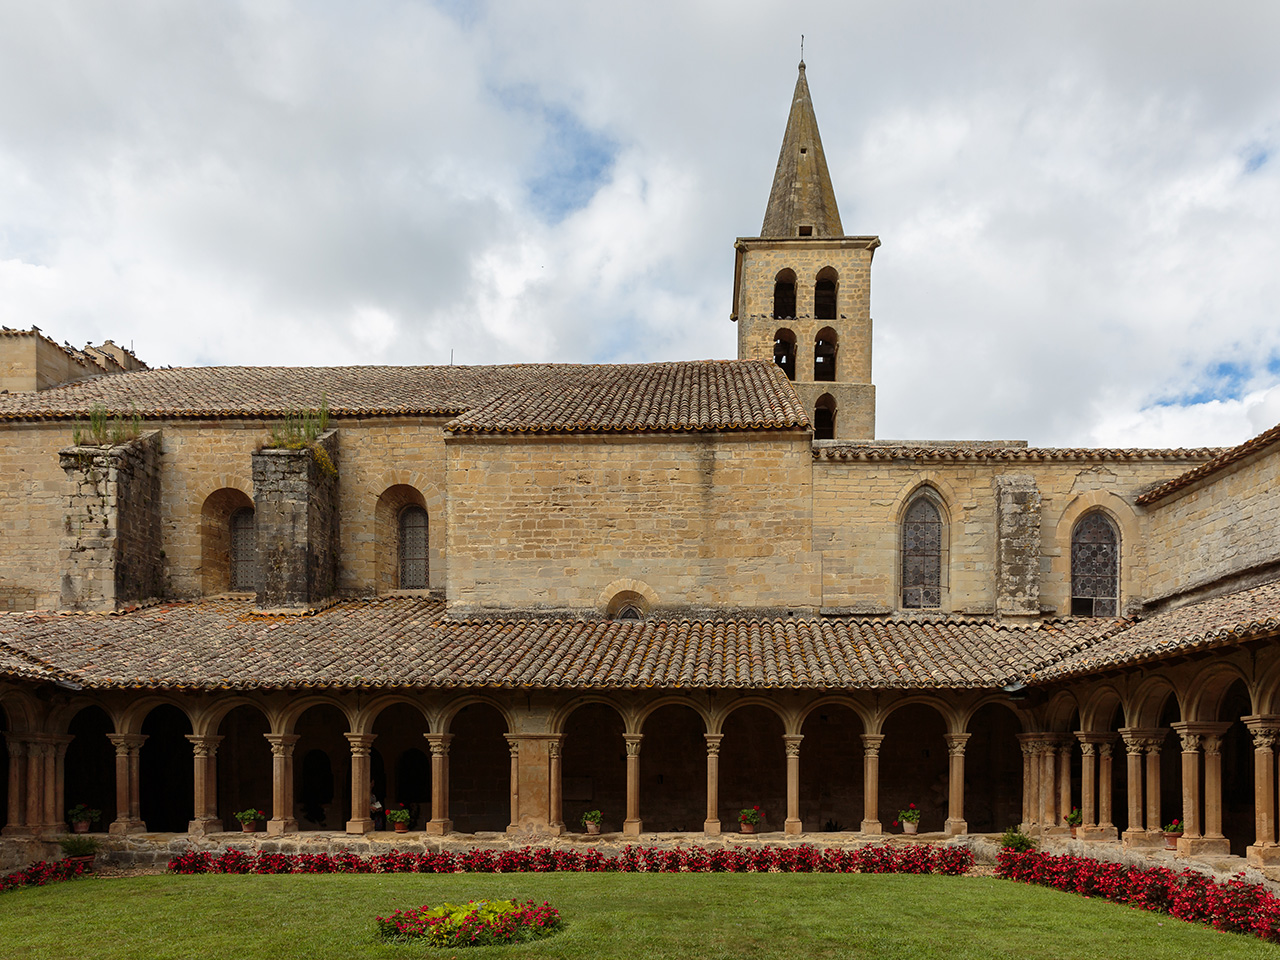 Les abbayes de l'Aude – abbaye de Saint-Papoul